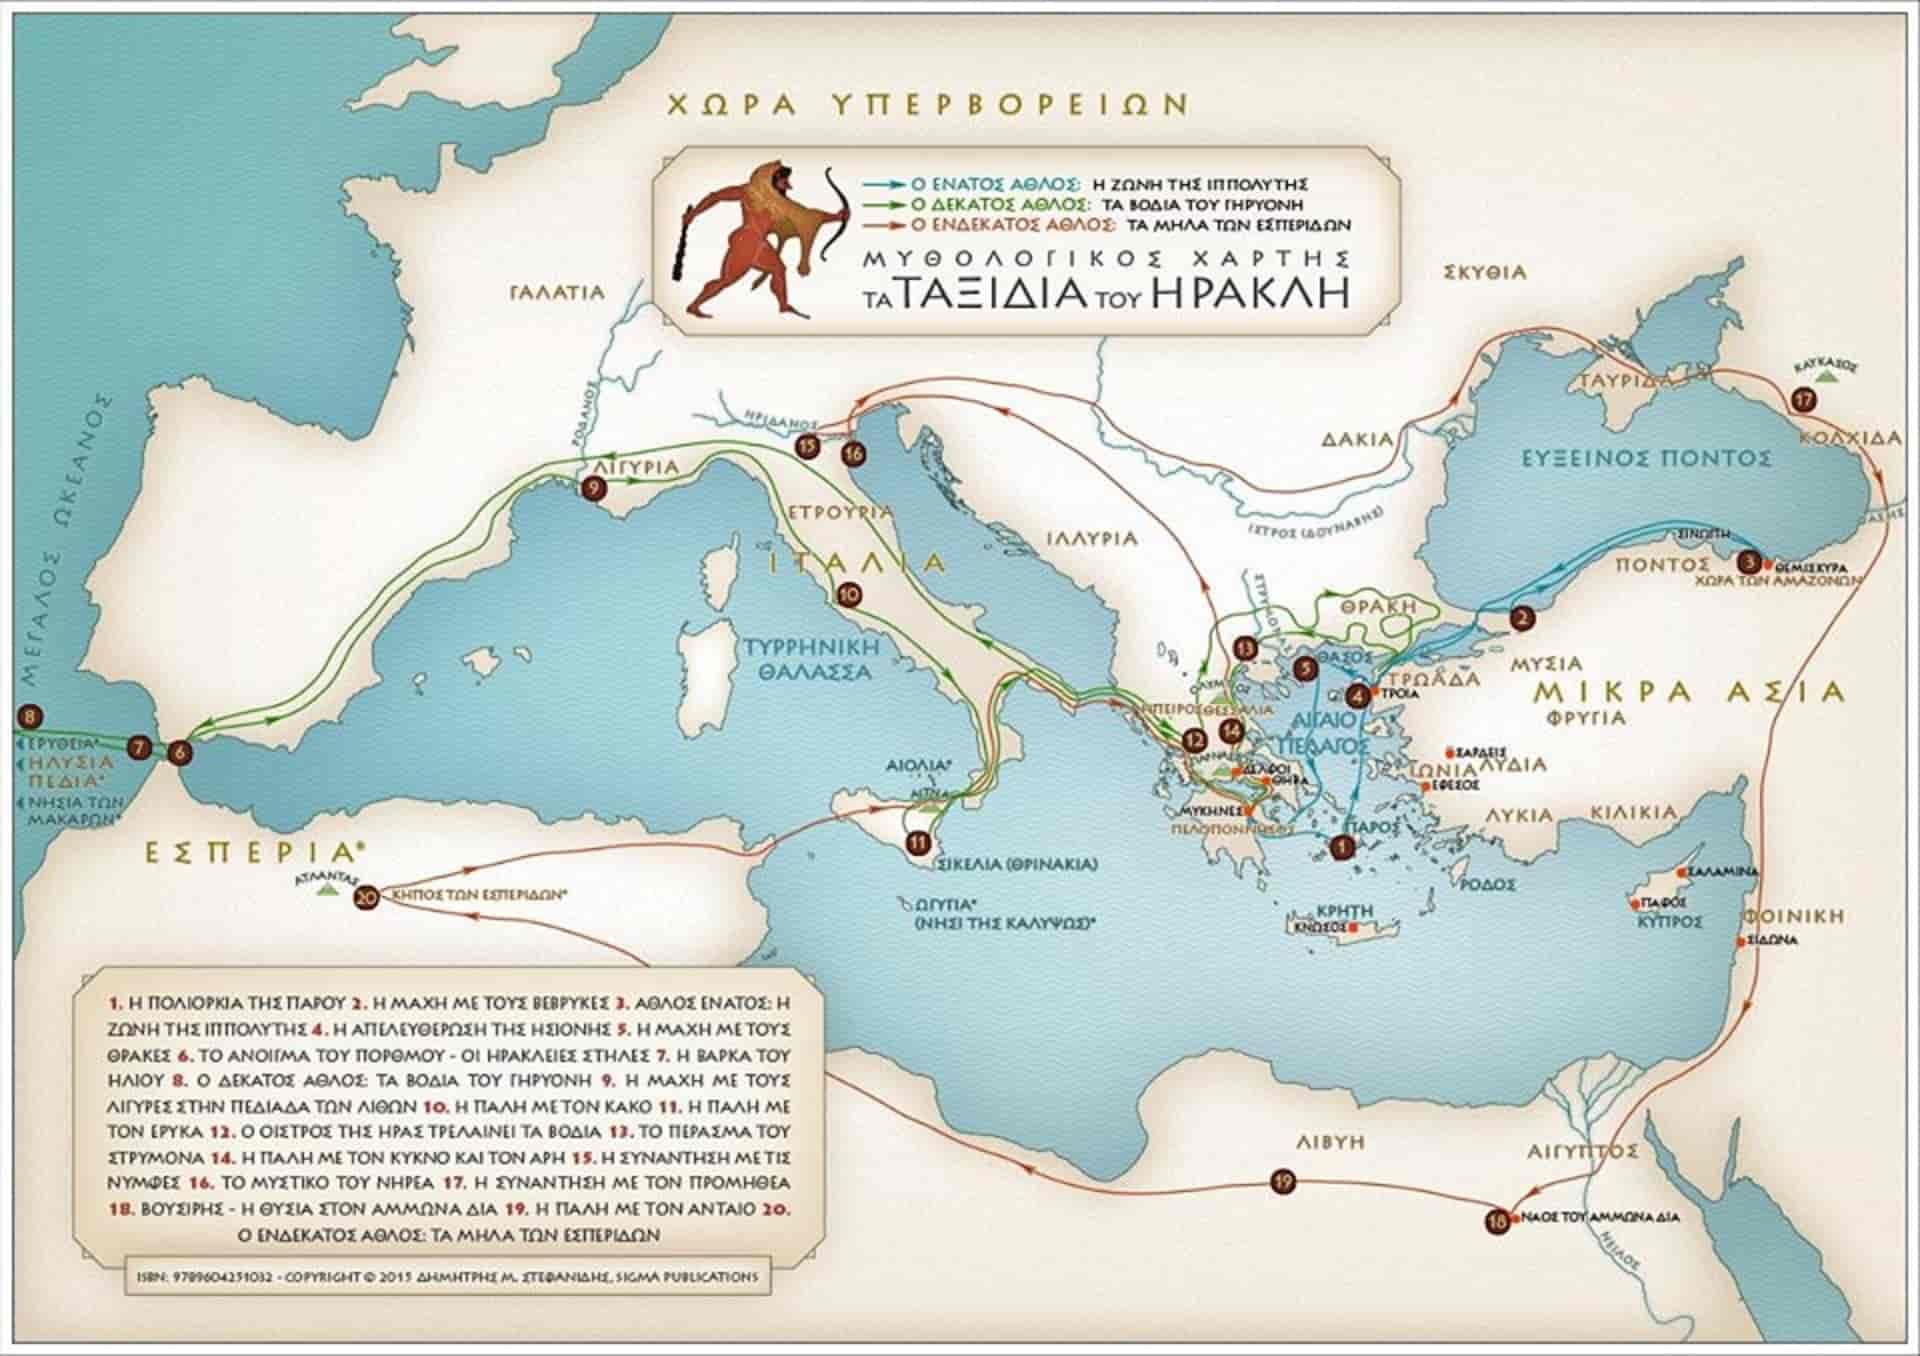 Ο «Μυστικός» Χάρτης με τα Ταξίδια του Ηρακλή